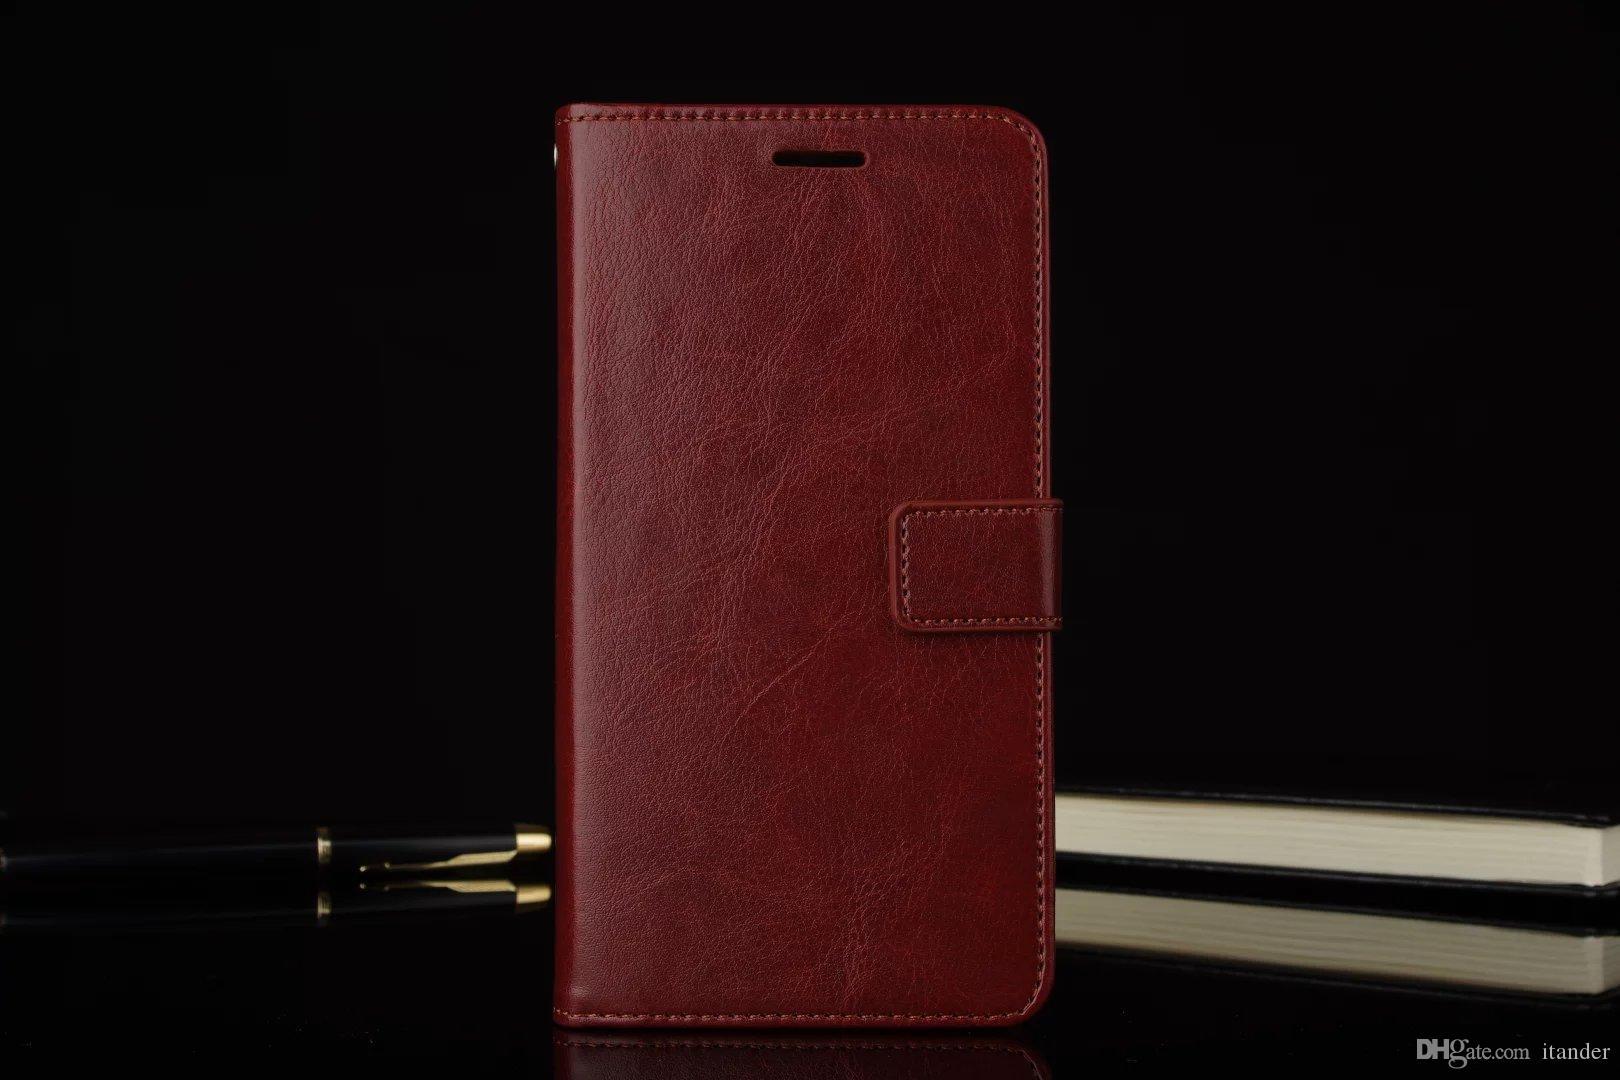 Nuovi accessori protettivi rigidi di lusso Slim Cover OnePlus 3 3t Tre Flip Custodie in pelle portafogli con supporto Stand Nero Marrone Bianco